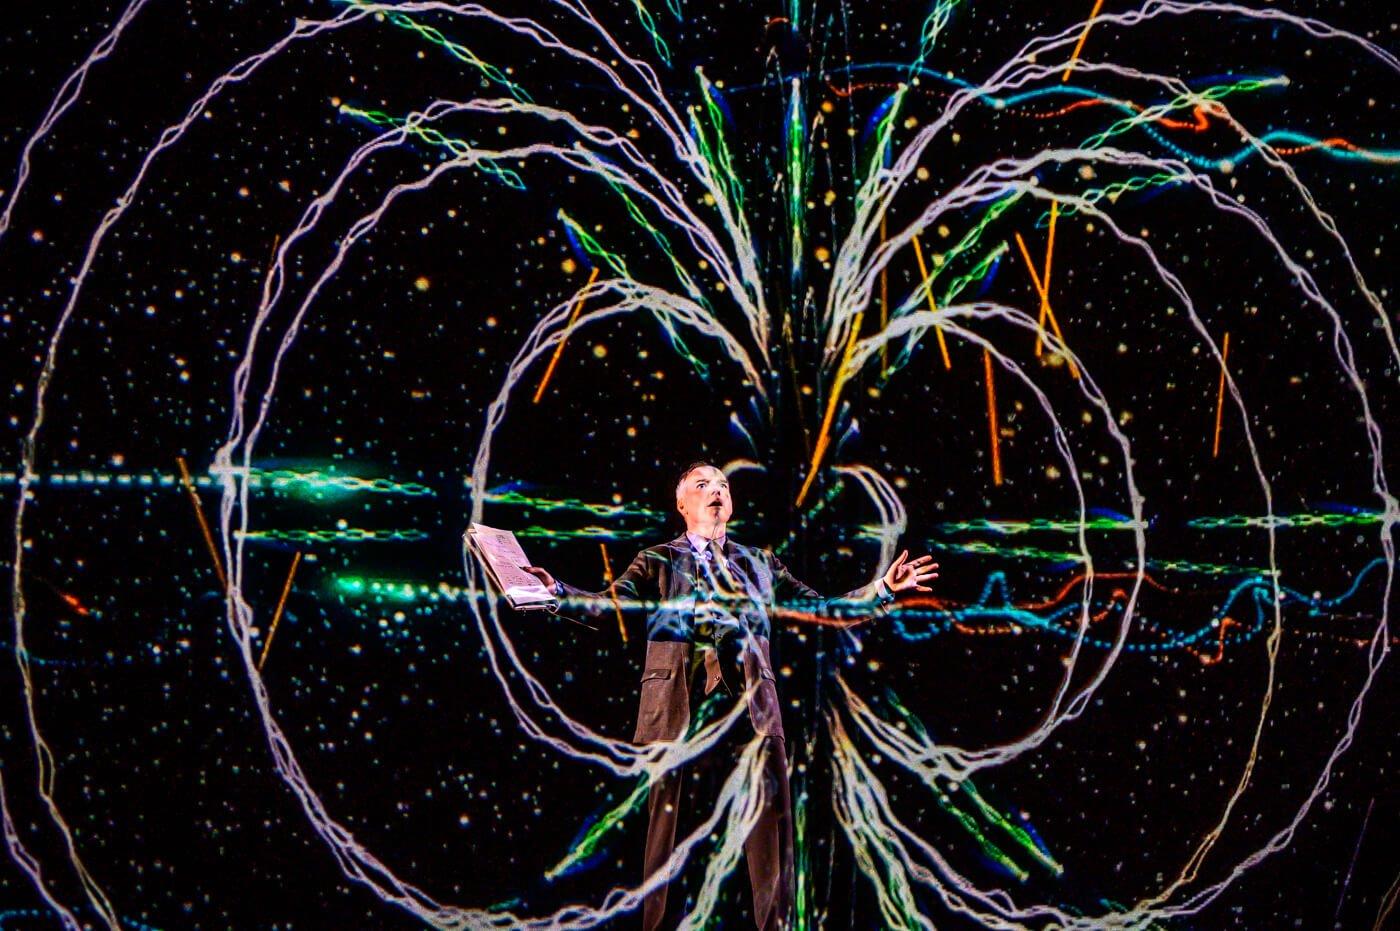 Может ли квантовая механика объяснить существование пространства-времени?